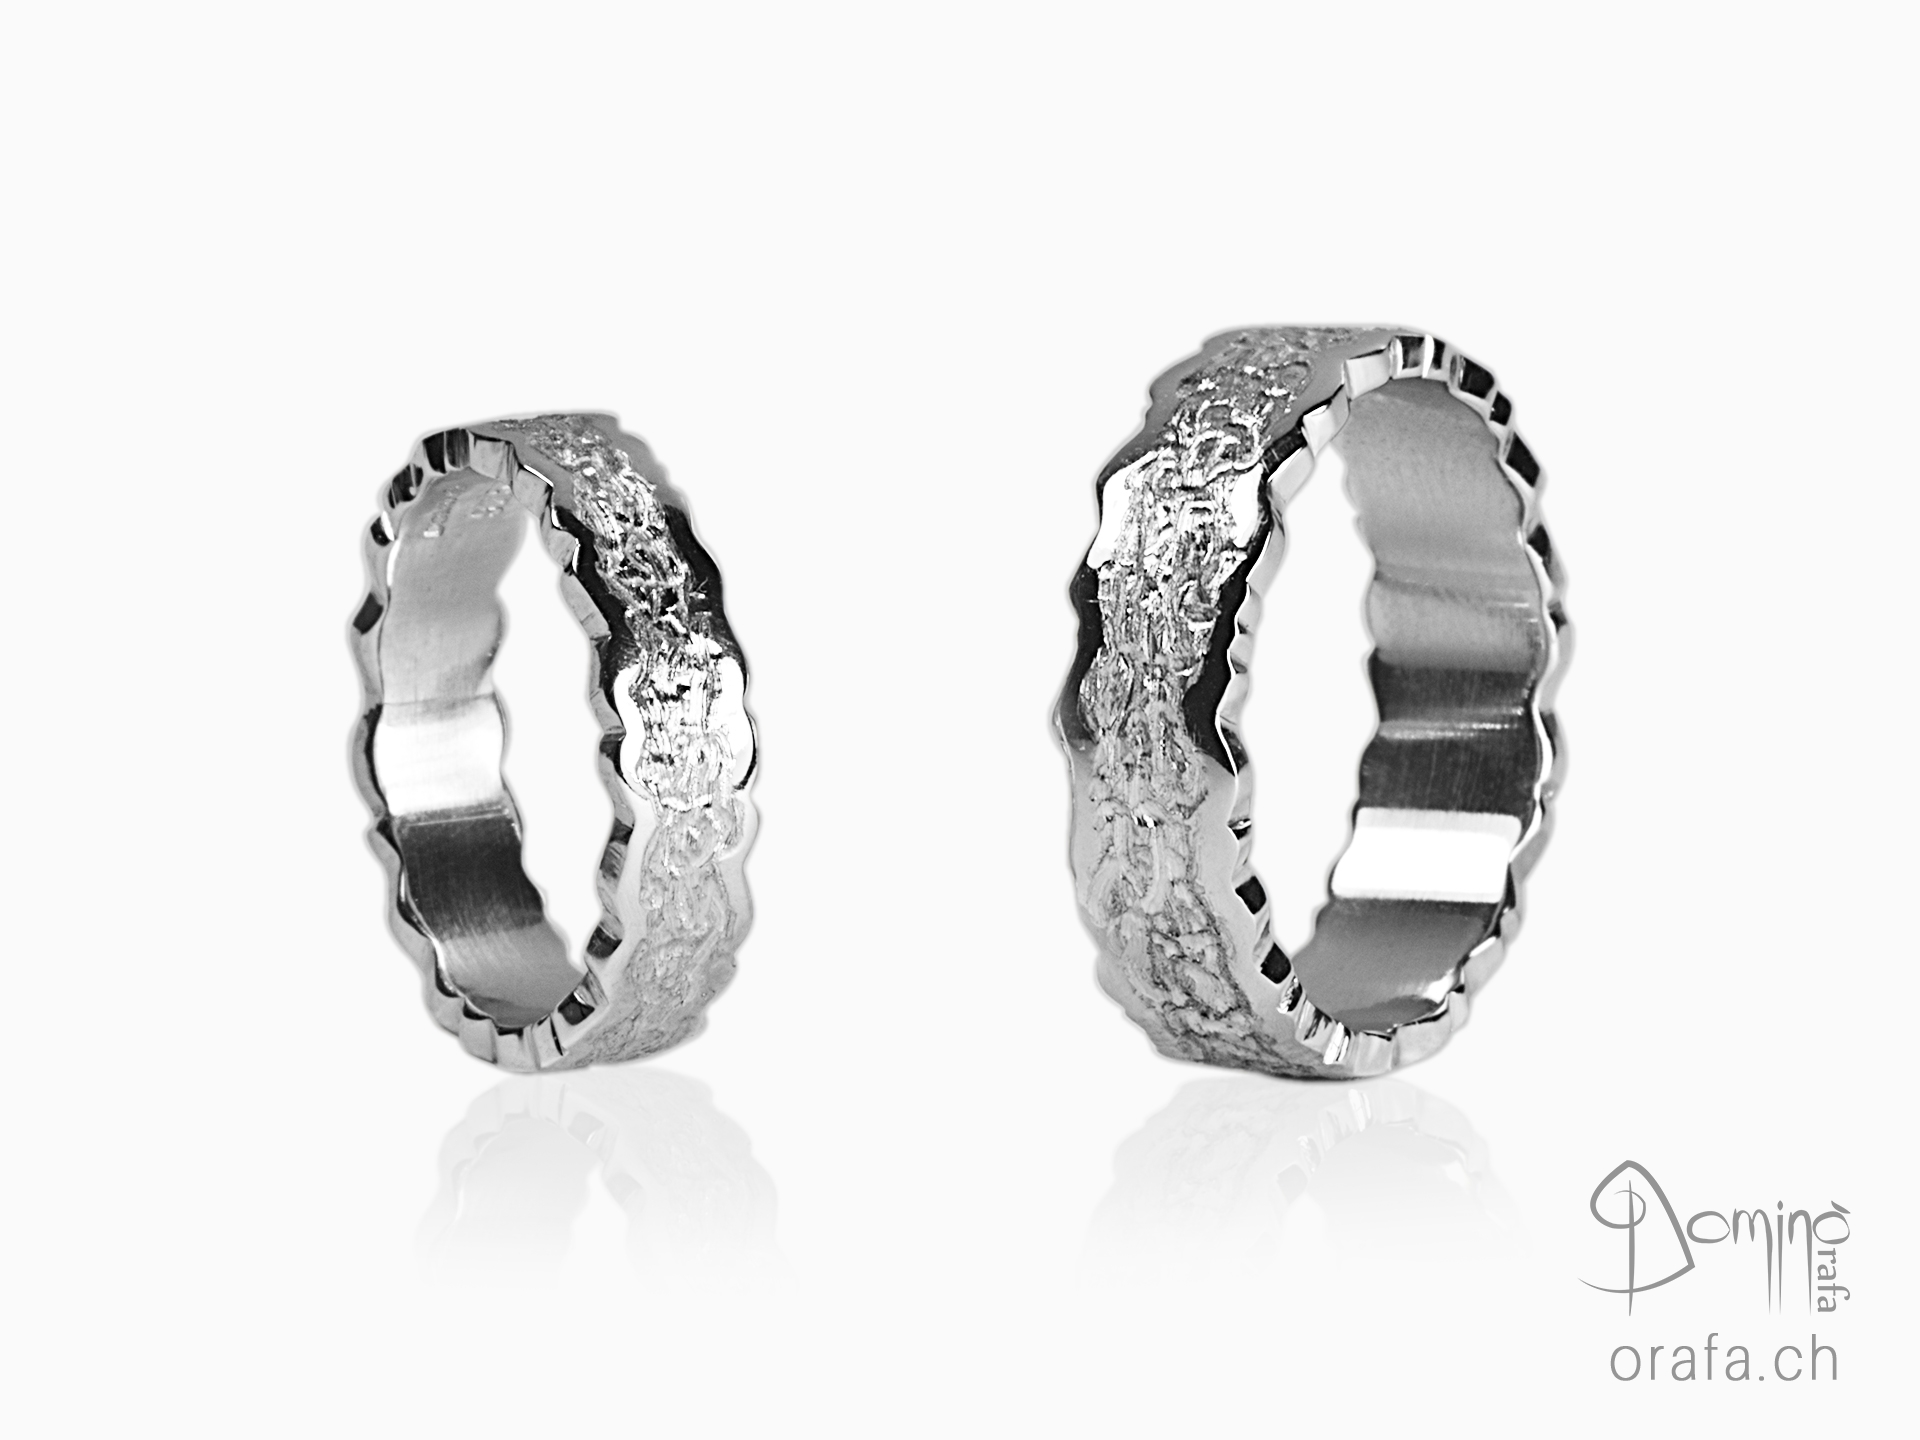 anelli-corteccia-lucido-irregolare-bordo-frastagliato-1